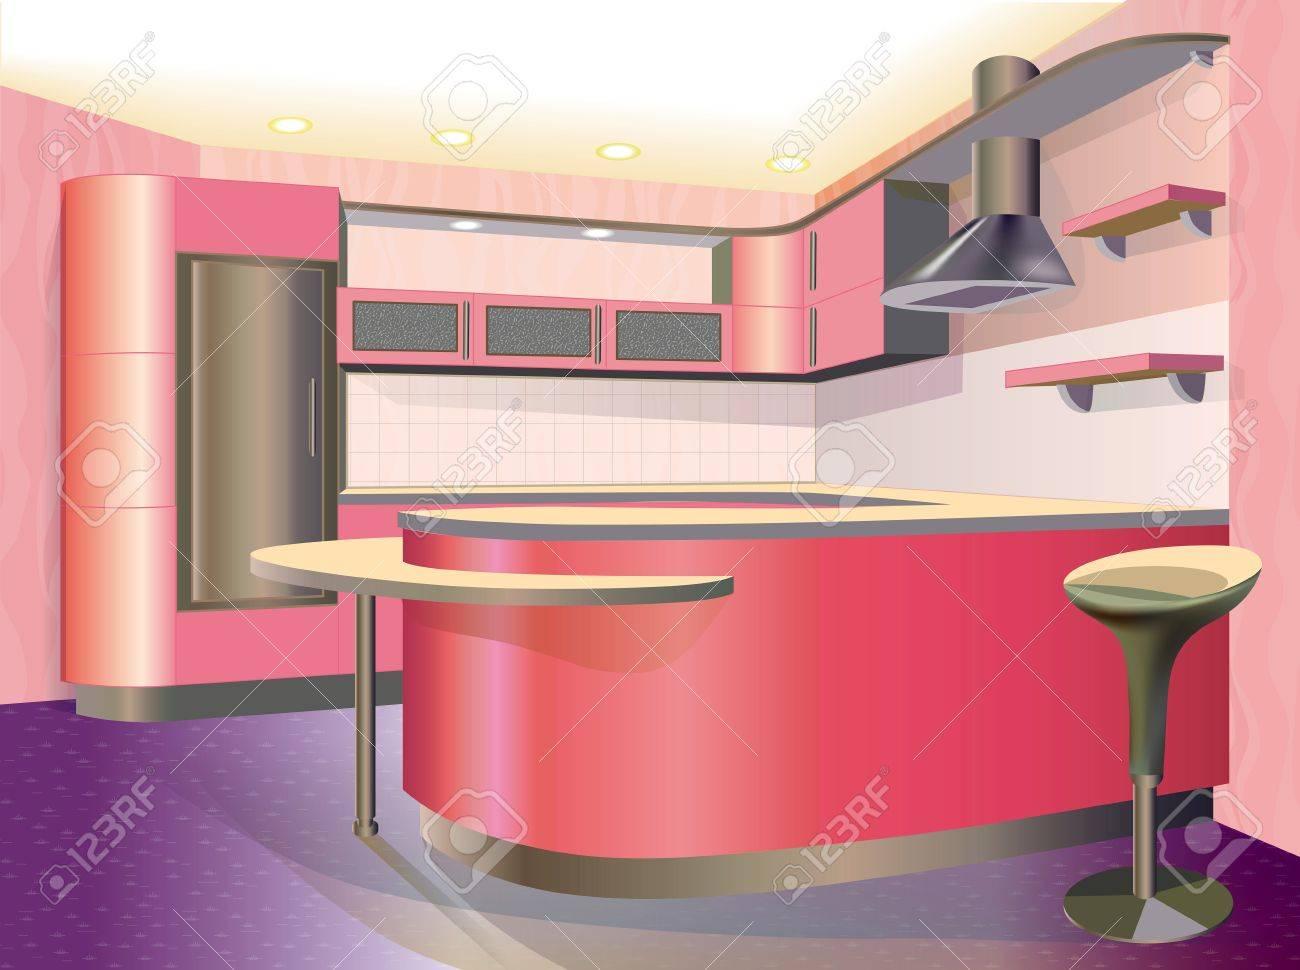 Full Size of Rosa Küche Kche Interieur Illustration Lizenzfrei Nutzbare Kräutertopf Günstig Mit Elektrogeräten Hängeschrank Glastüren Vinyl Fliesenspiegel Gebrauchte Wohnzimmer Rosa Küche